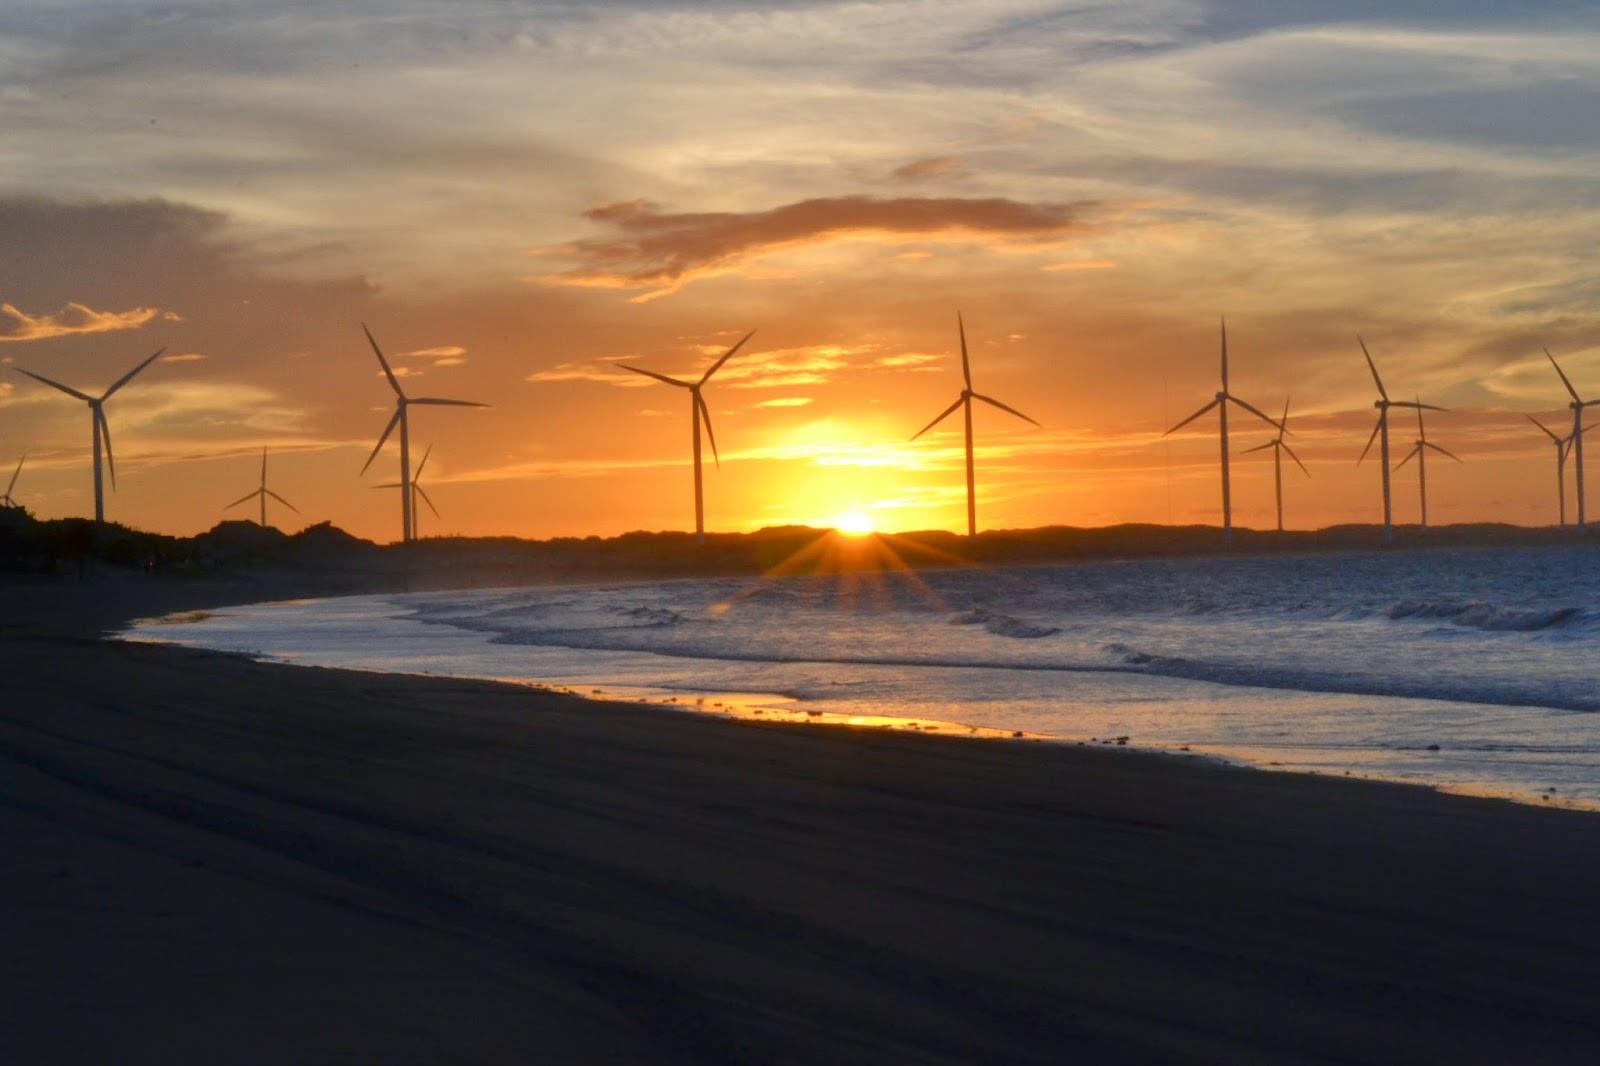 O que fazer em Icaraí de Amontada - Ceará - Blog Vamos Viajar